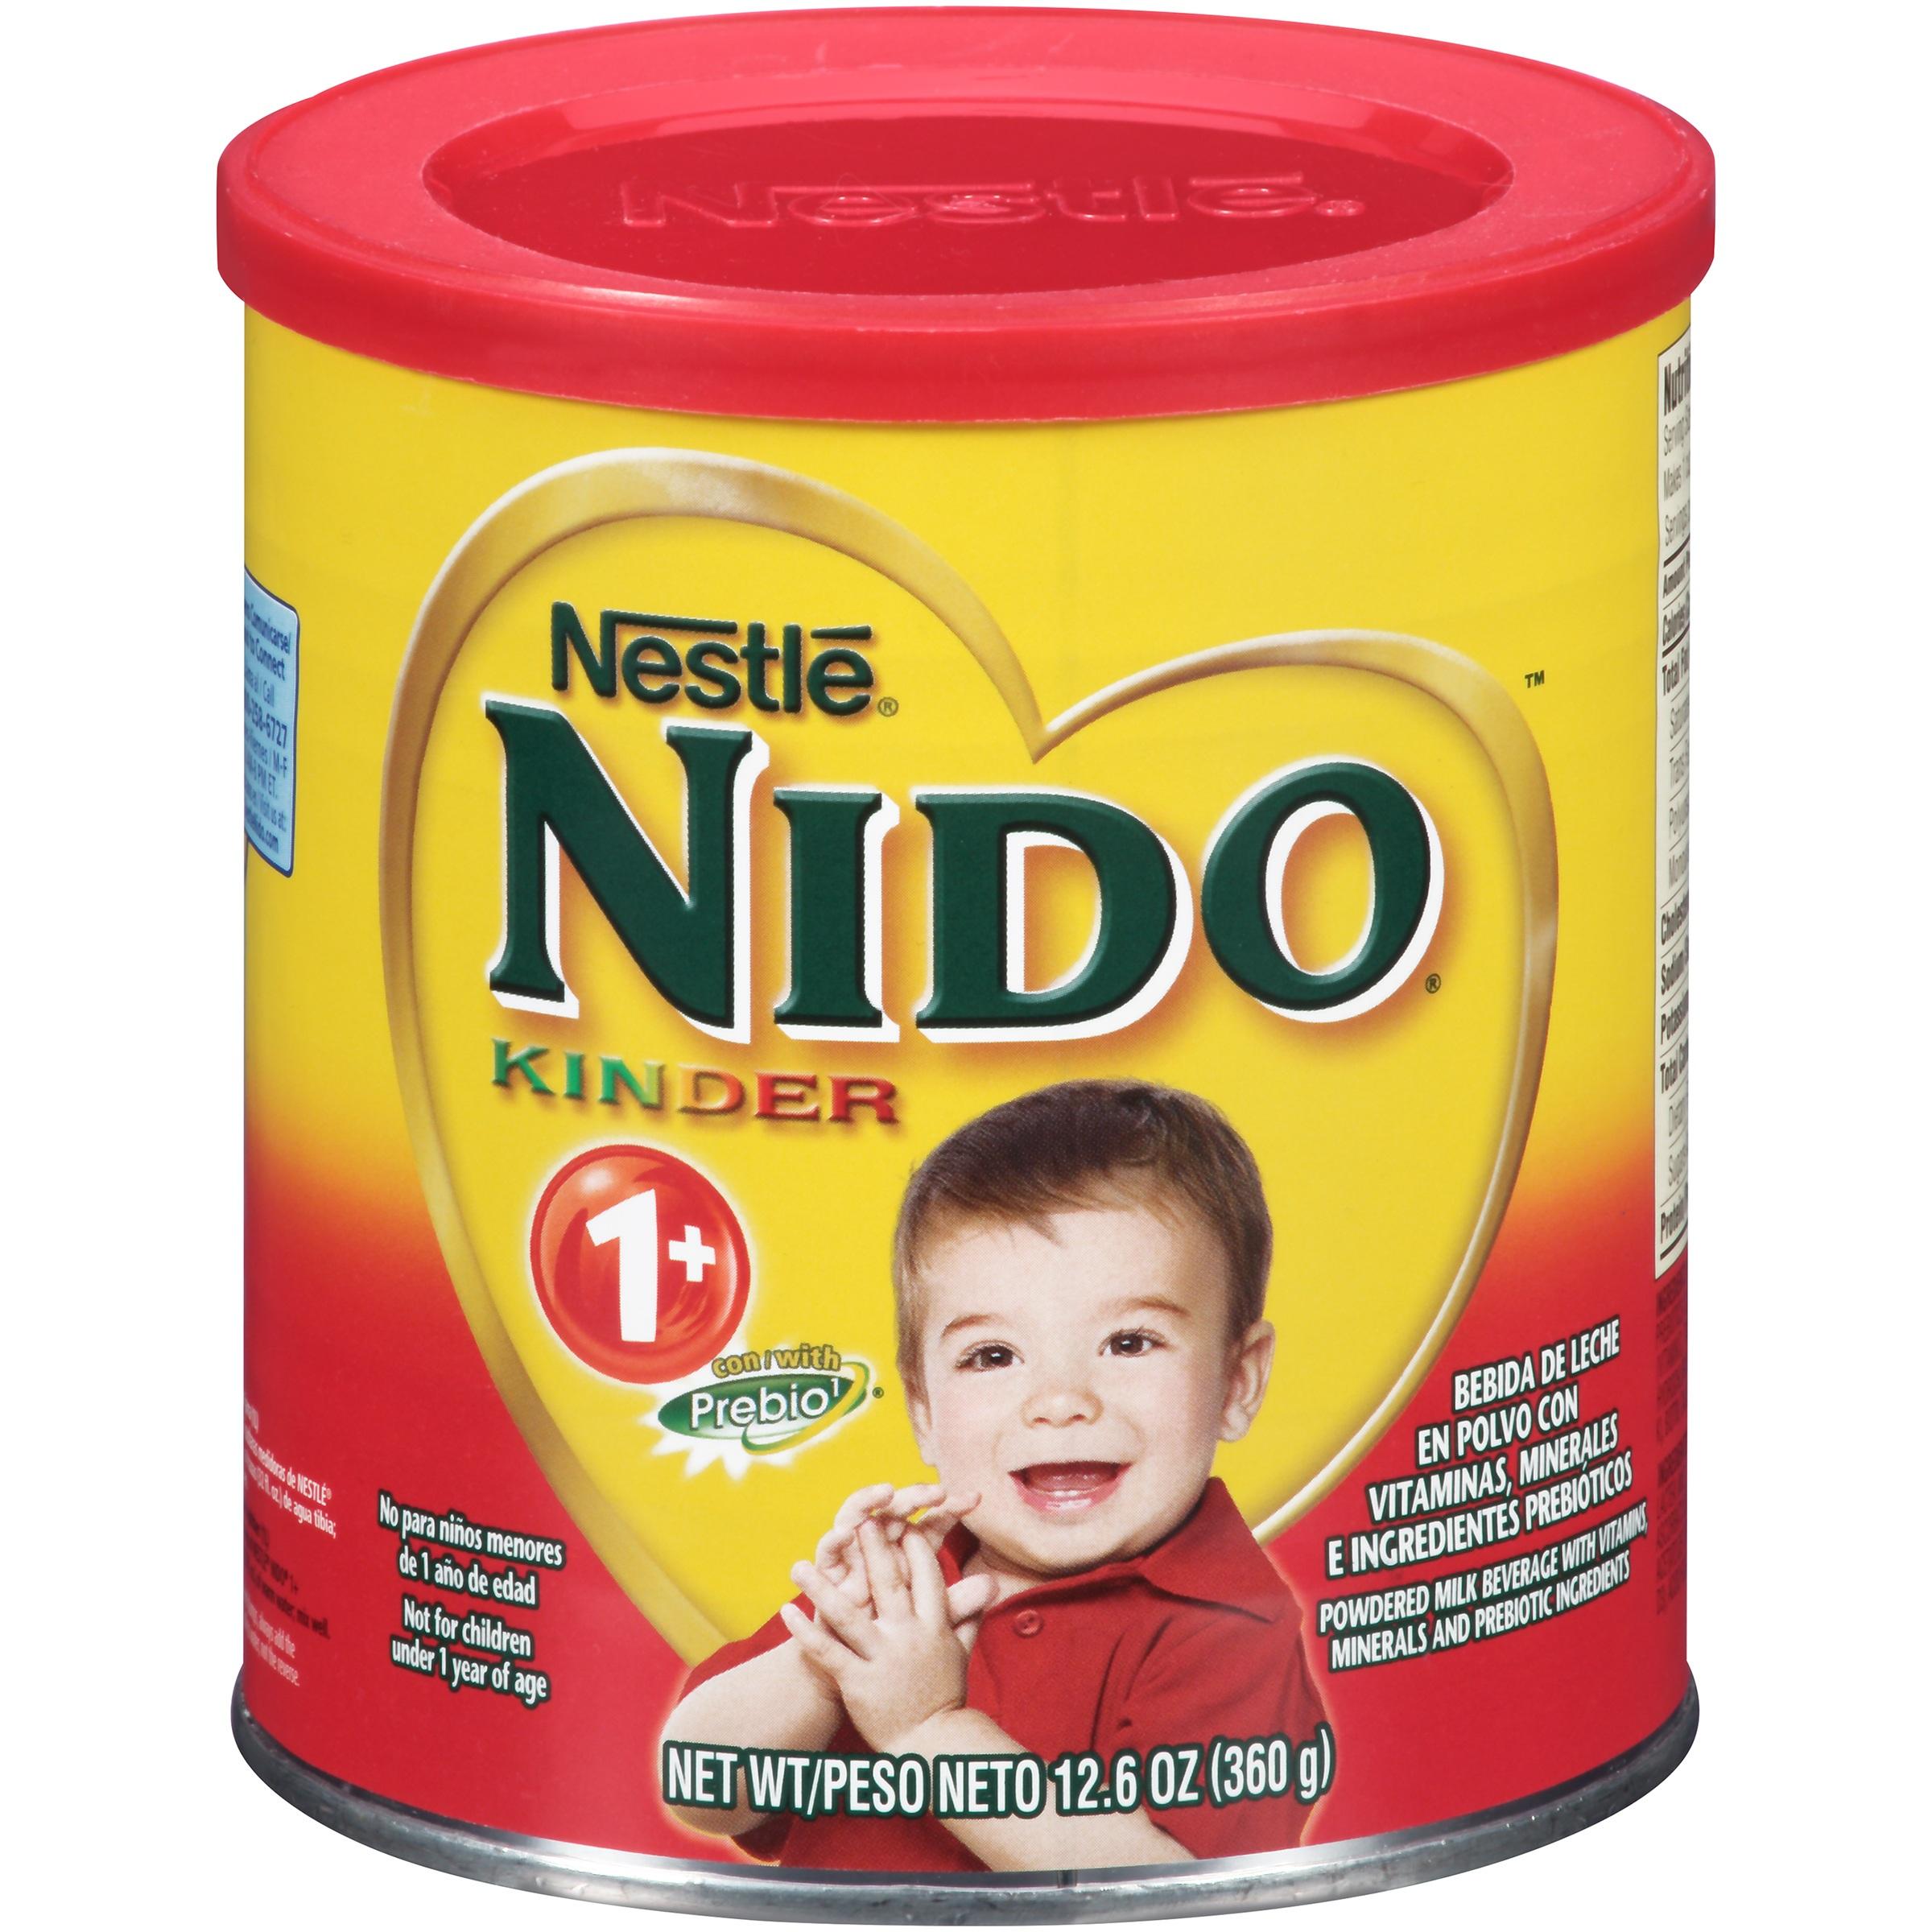 NIDO Kinder 1+ Powdered Milk Beverage 12.6 oz. Canister